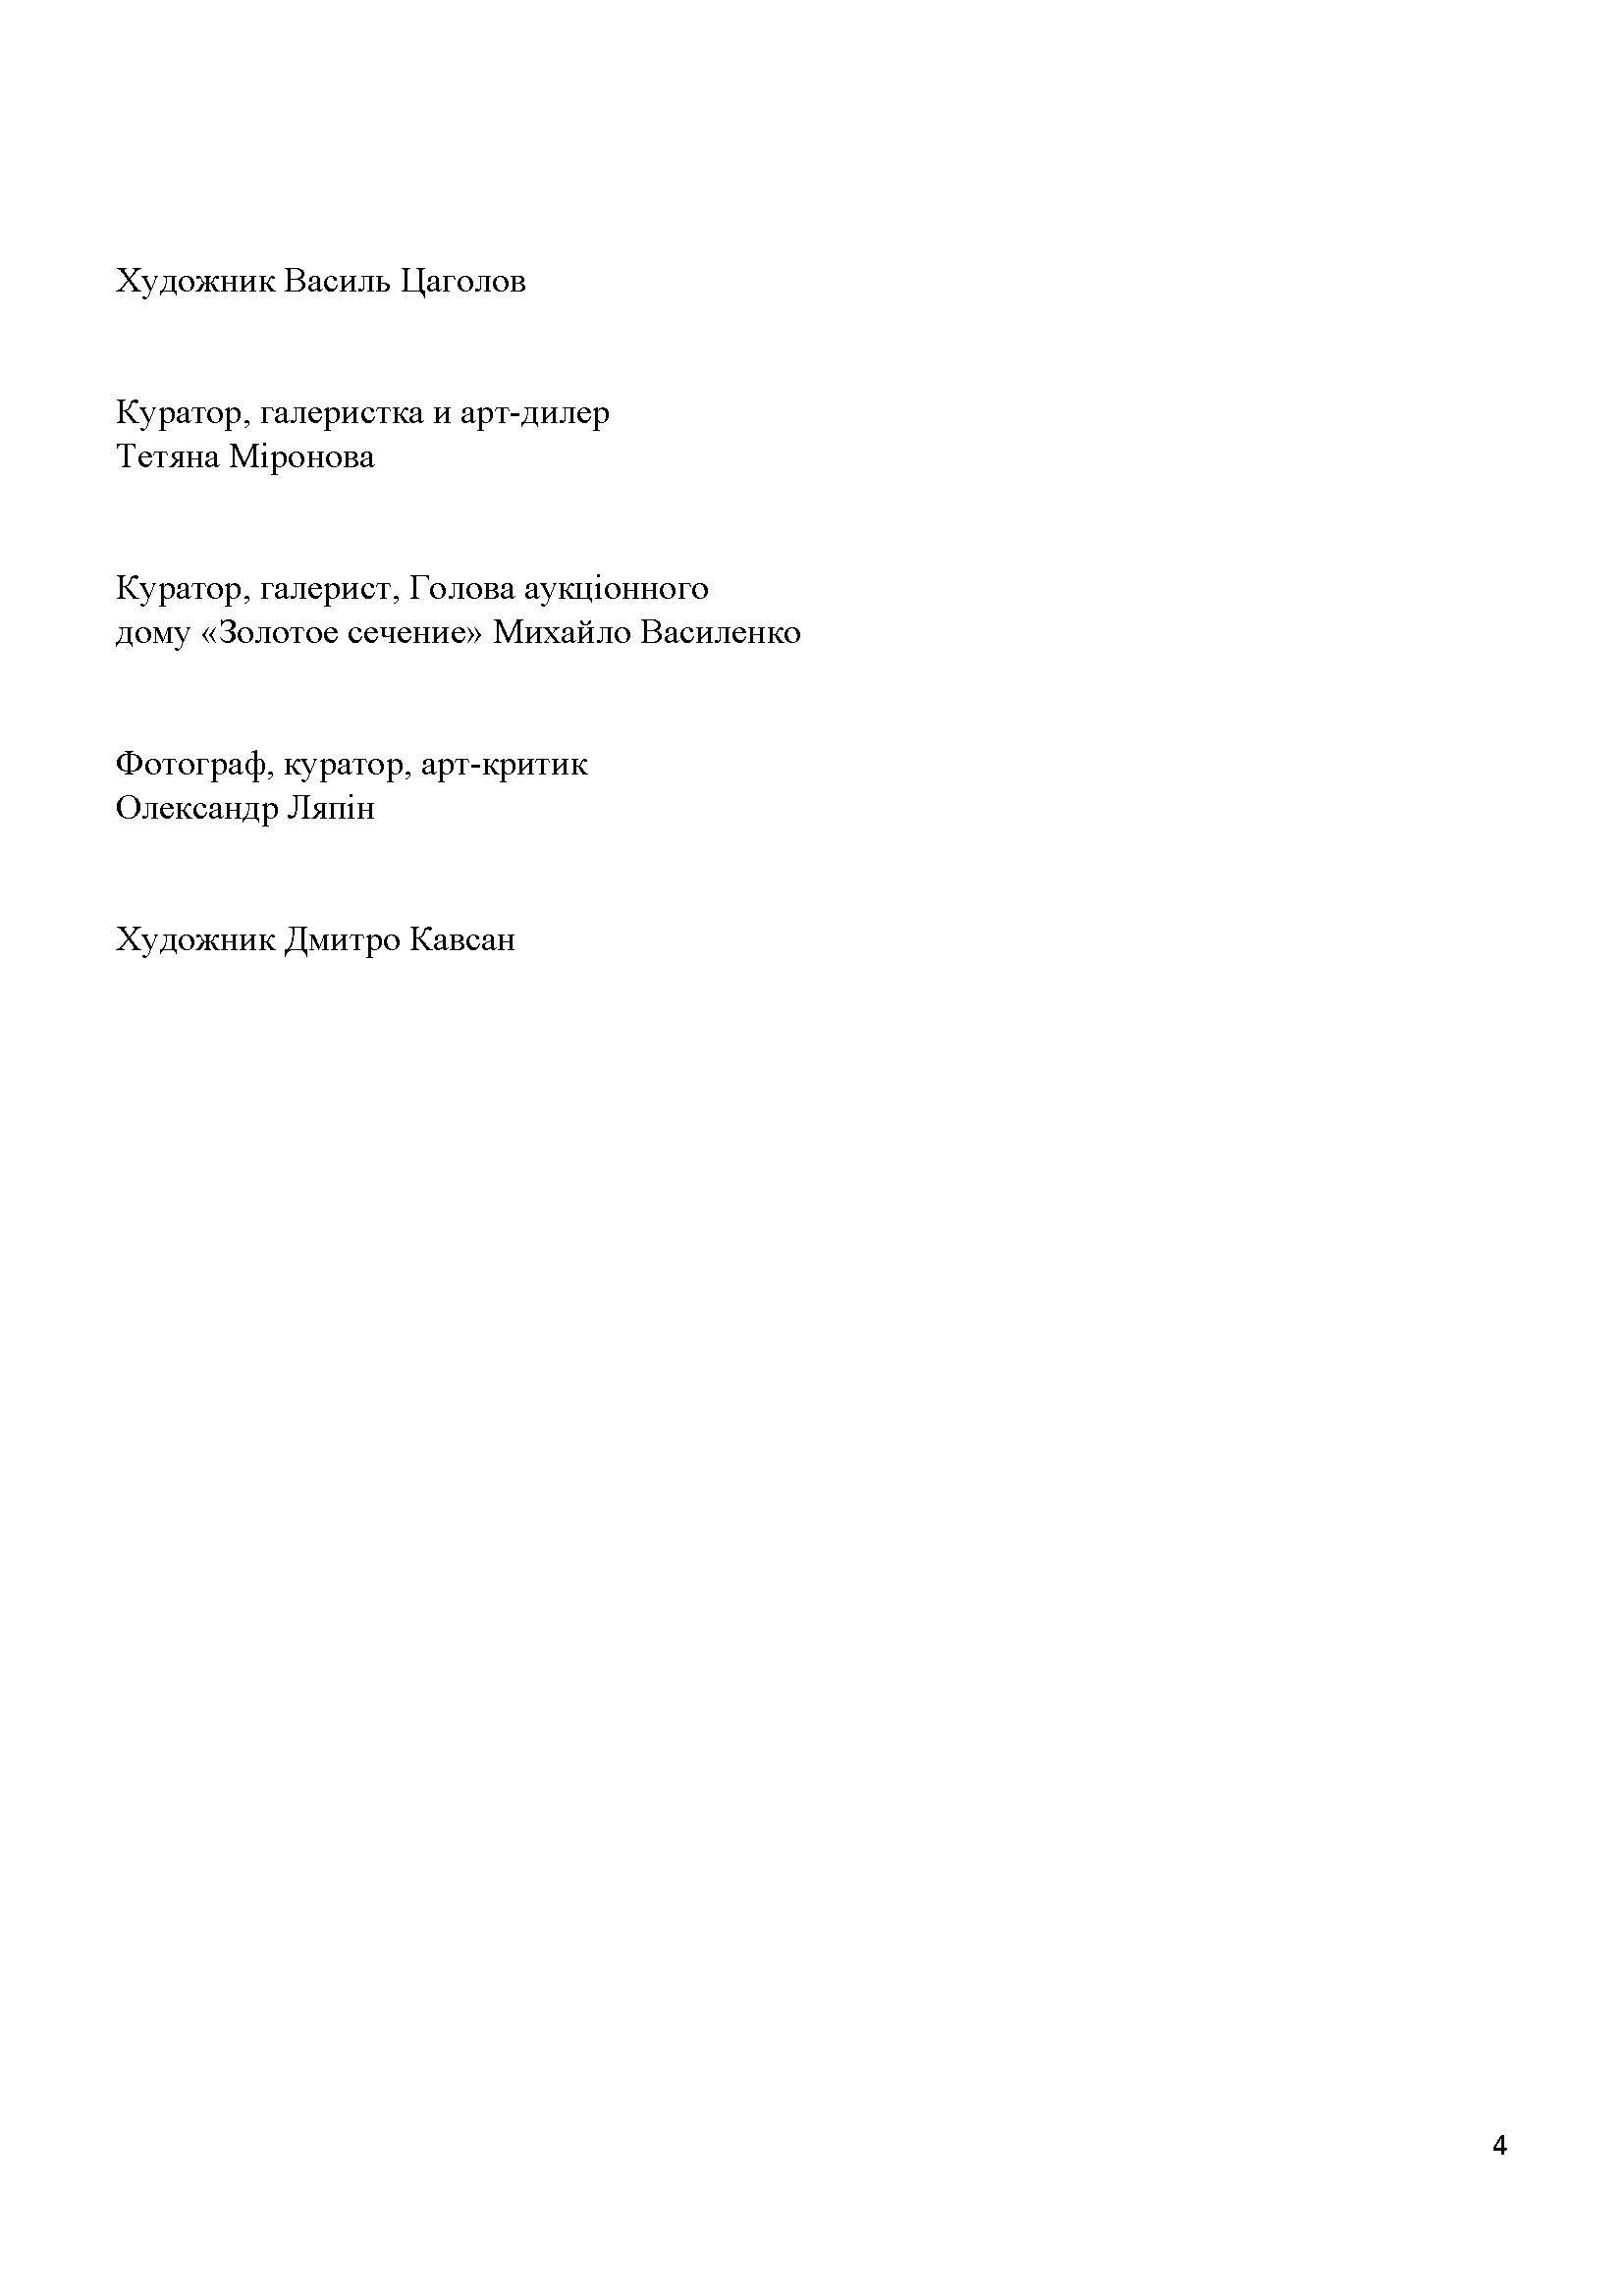 vidkritiy-list-bienale2018-1-_stranica_4